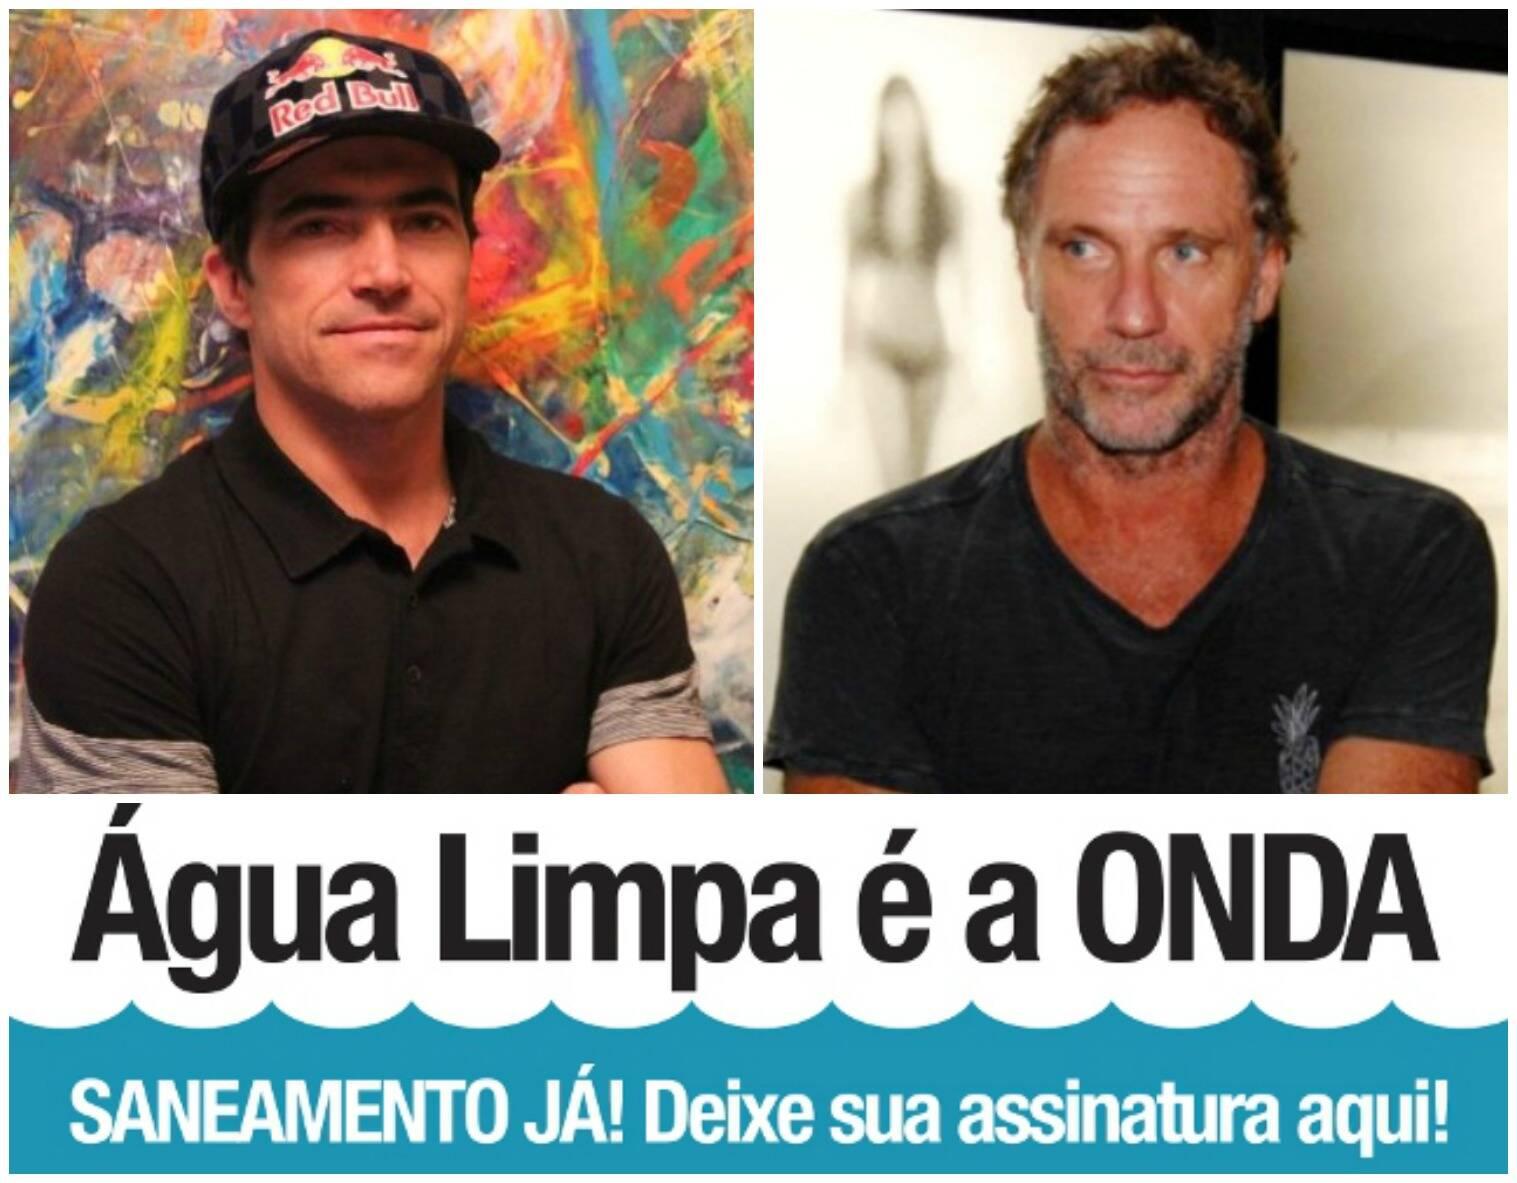 Oskar Metsavaht, à direita, e o surfista Carlos Burle encabeçam o movimento pela despoluição das praias cariocas / Fotos: IG e divulgação